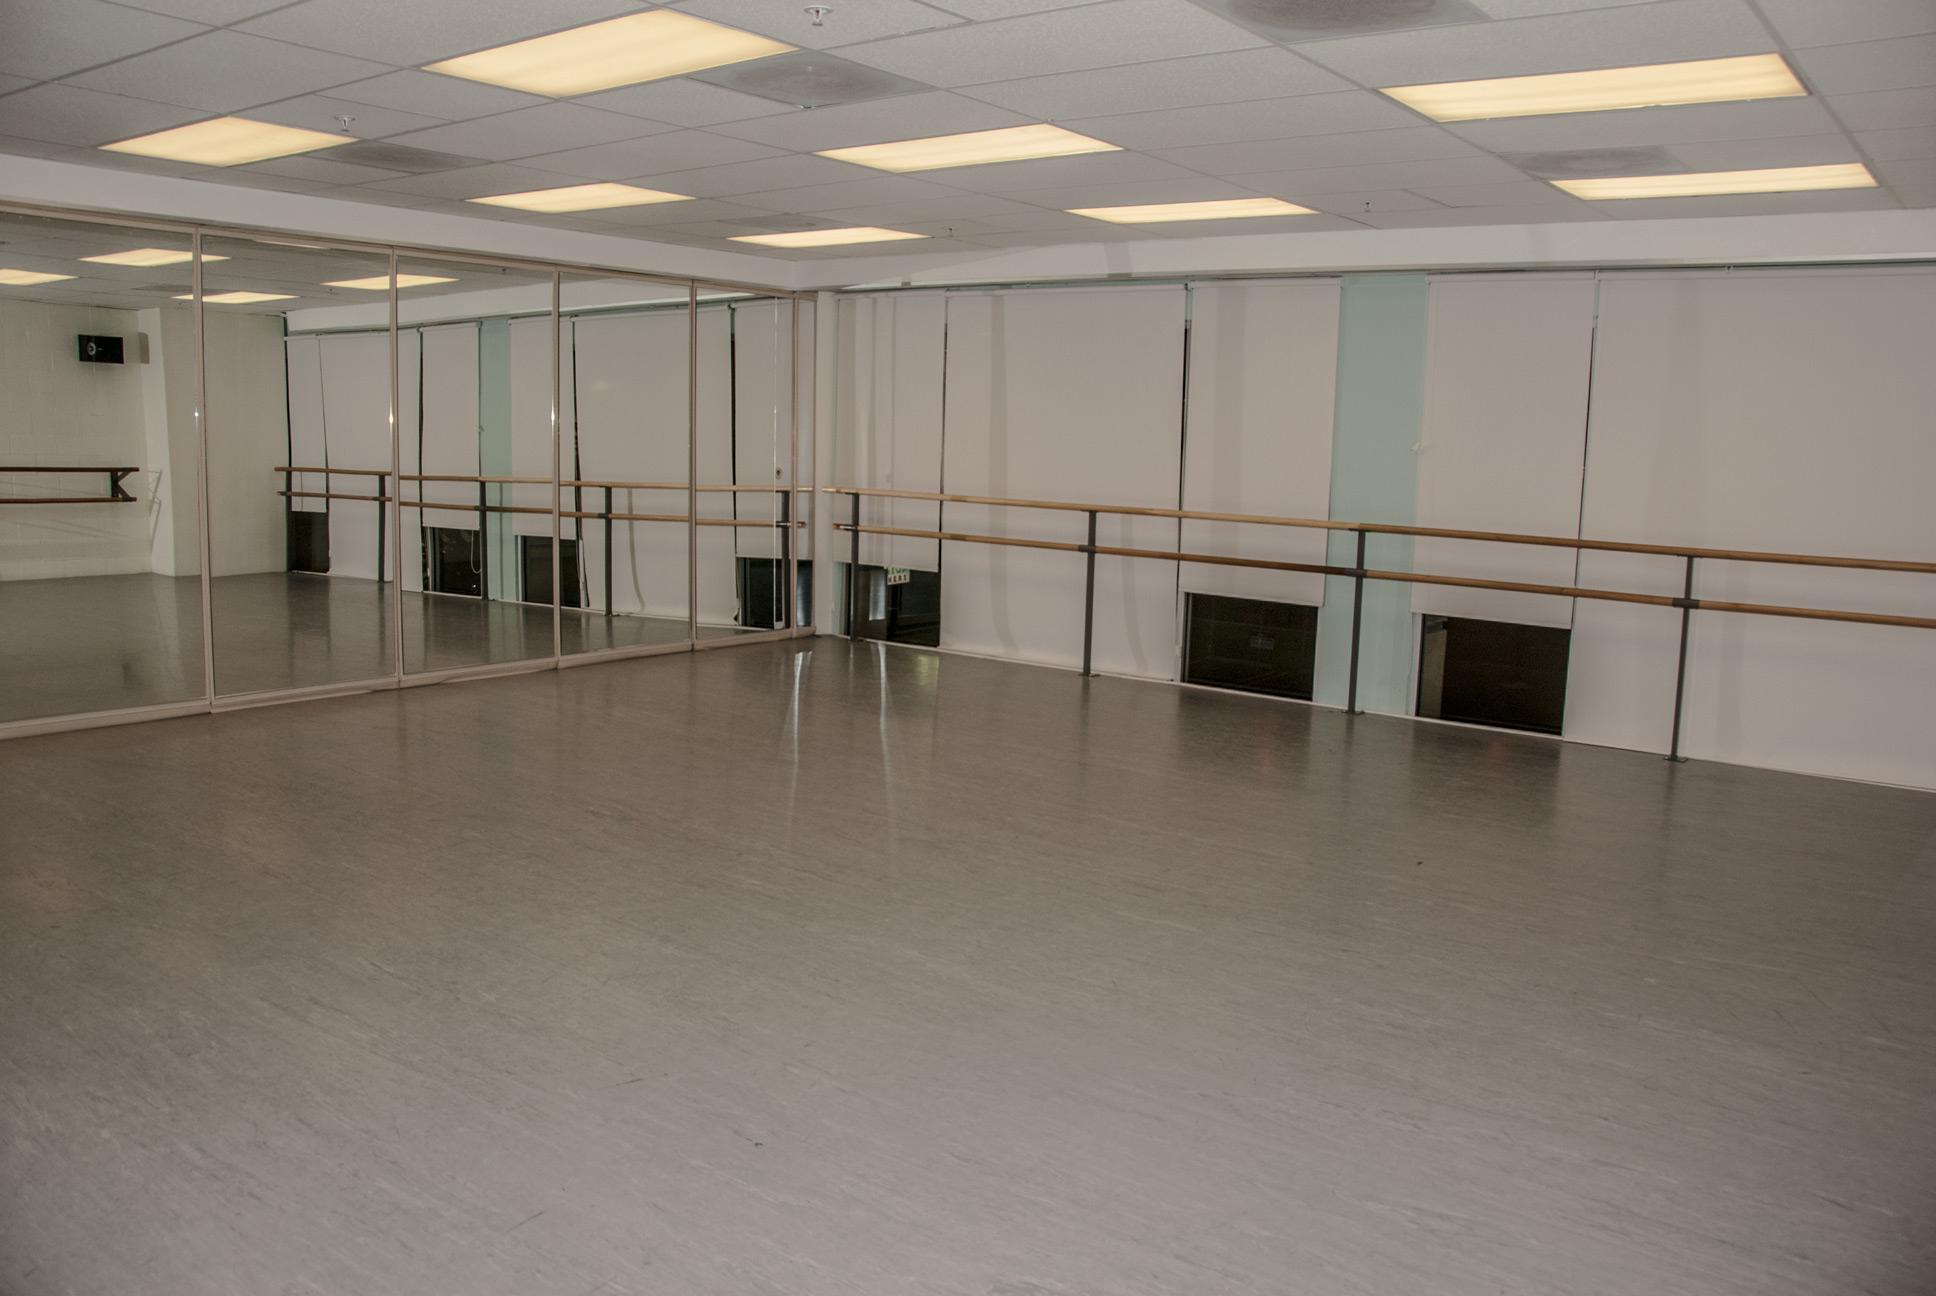 consider blog to dance toronto floor floating marley s studio torontos before points best choosing choosingtha